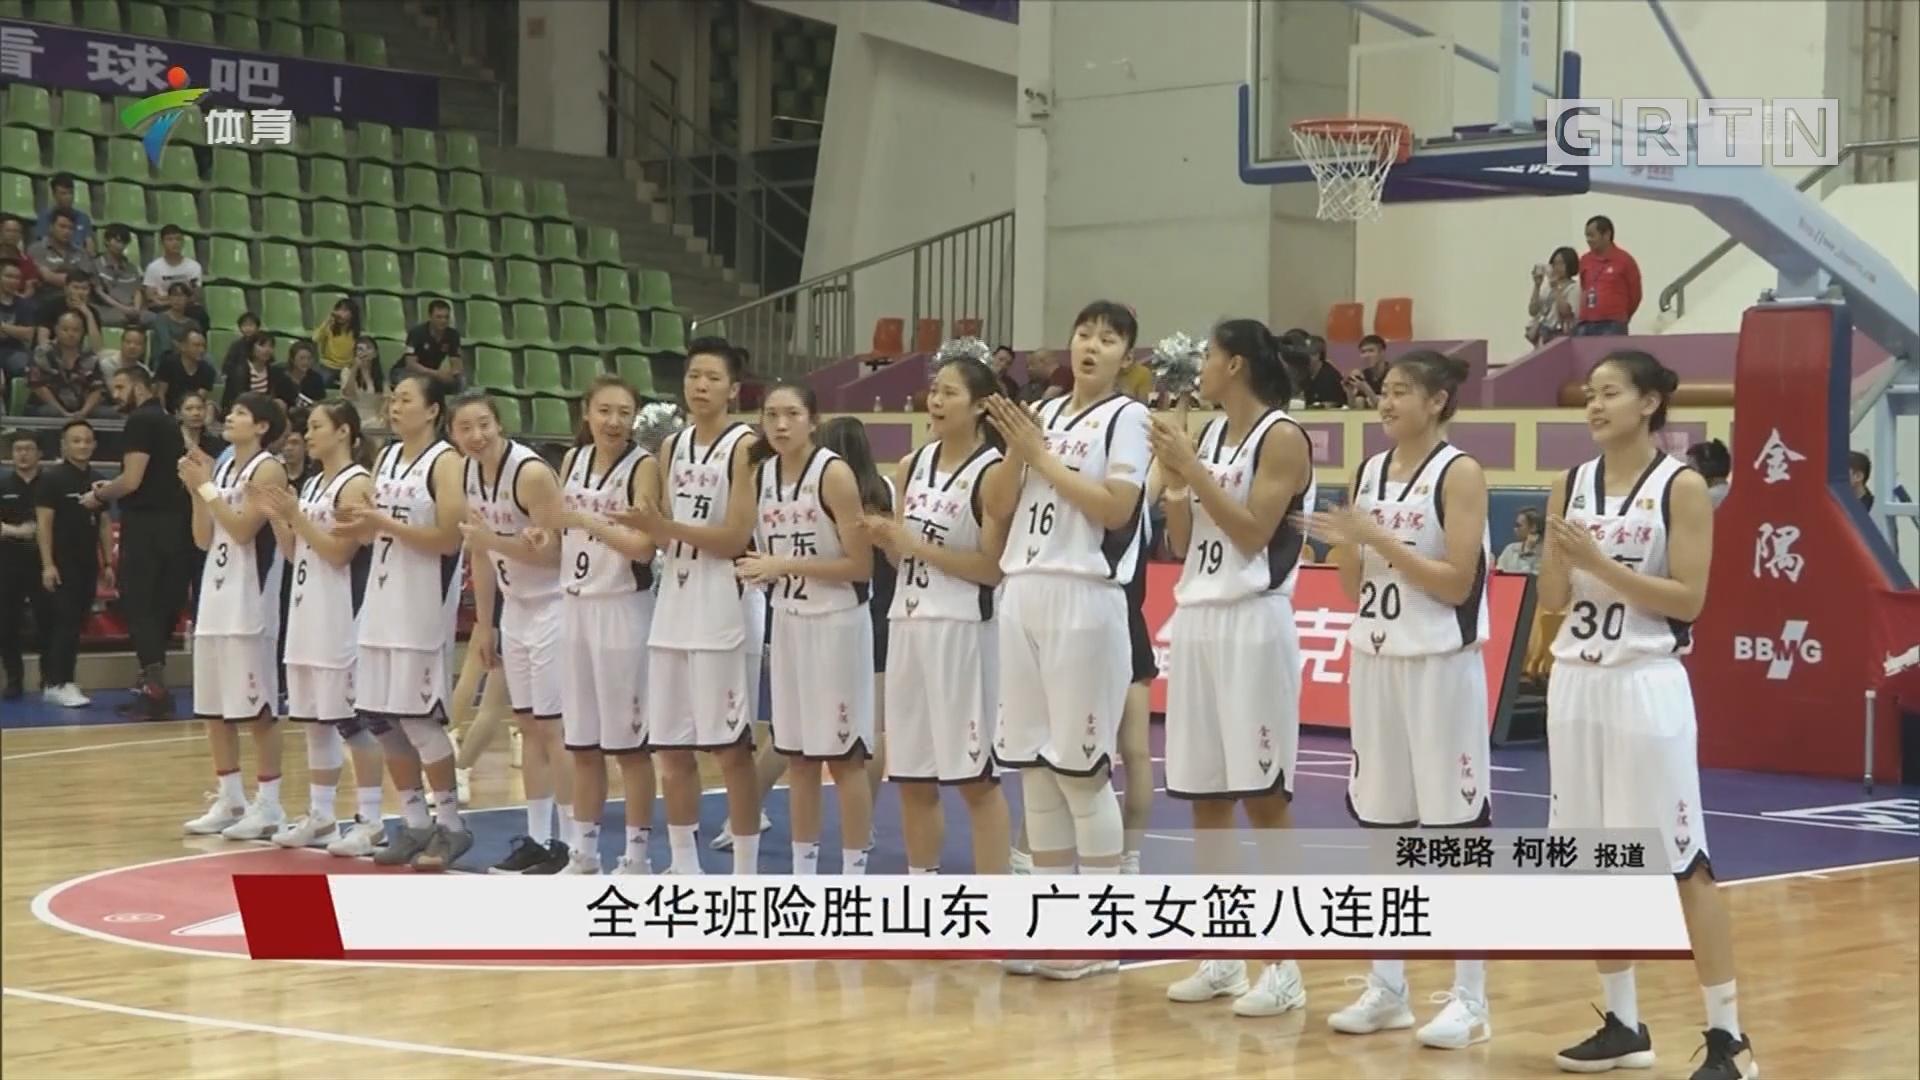 全华班险胜山东 广东女篮八连胜